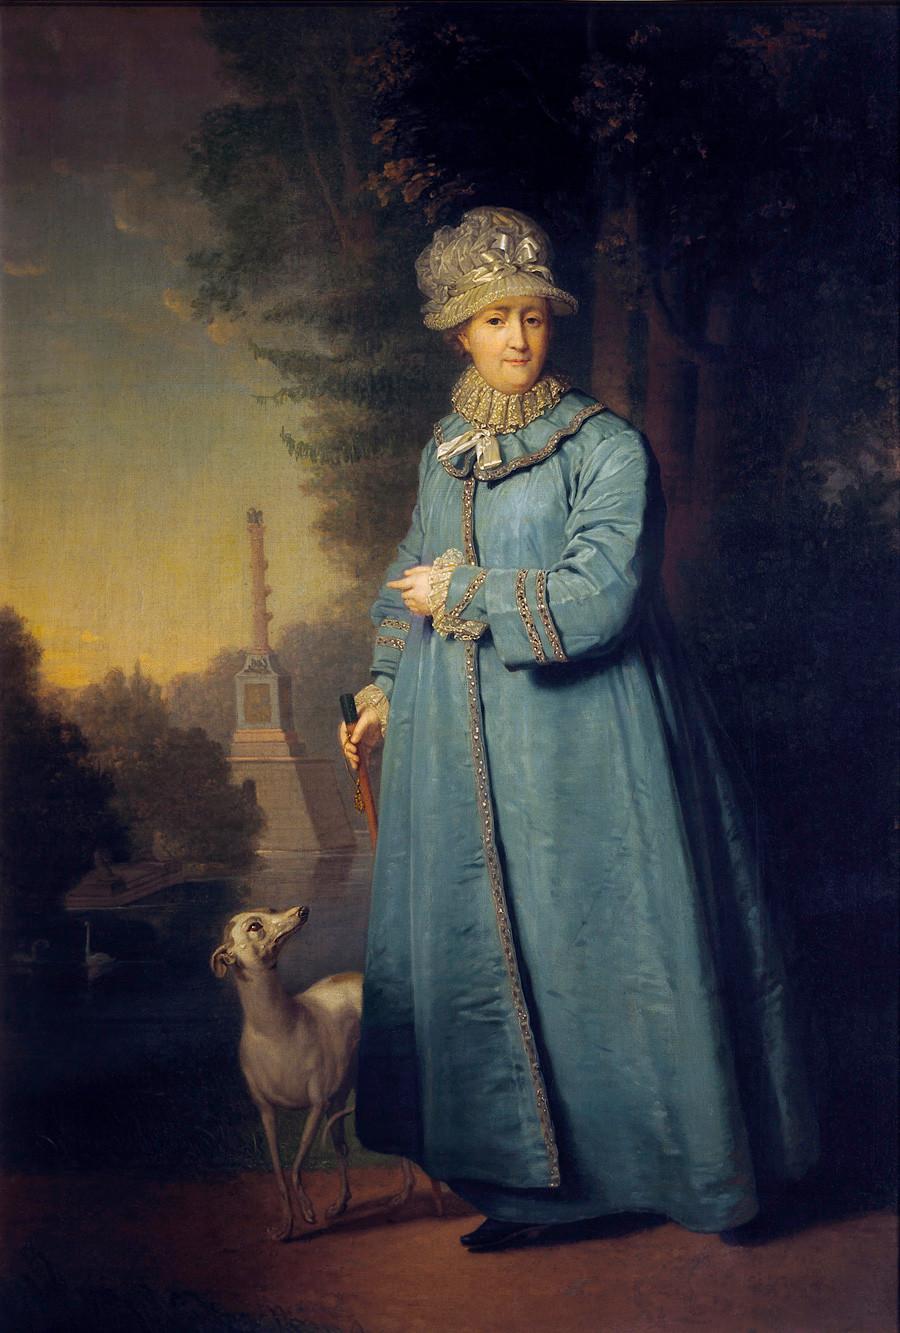 ウラジーミル・ボロヴィコフスキーによる「離宮ツァールスコエ・セローを散策するエカテリーナ大帝」(1794)